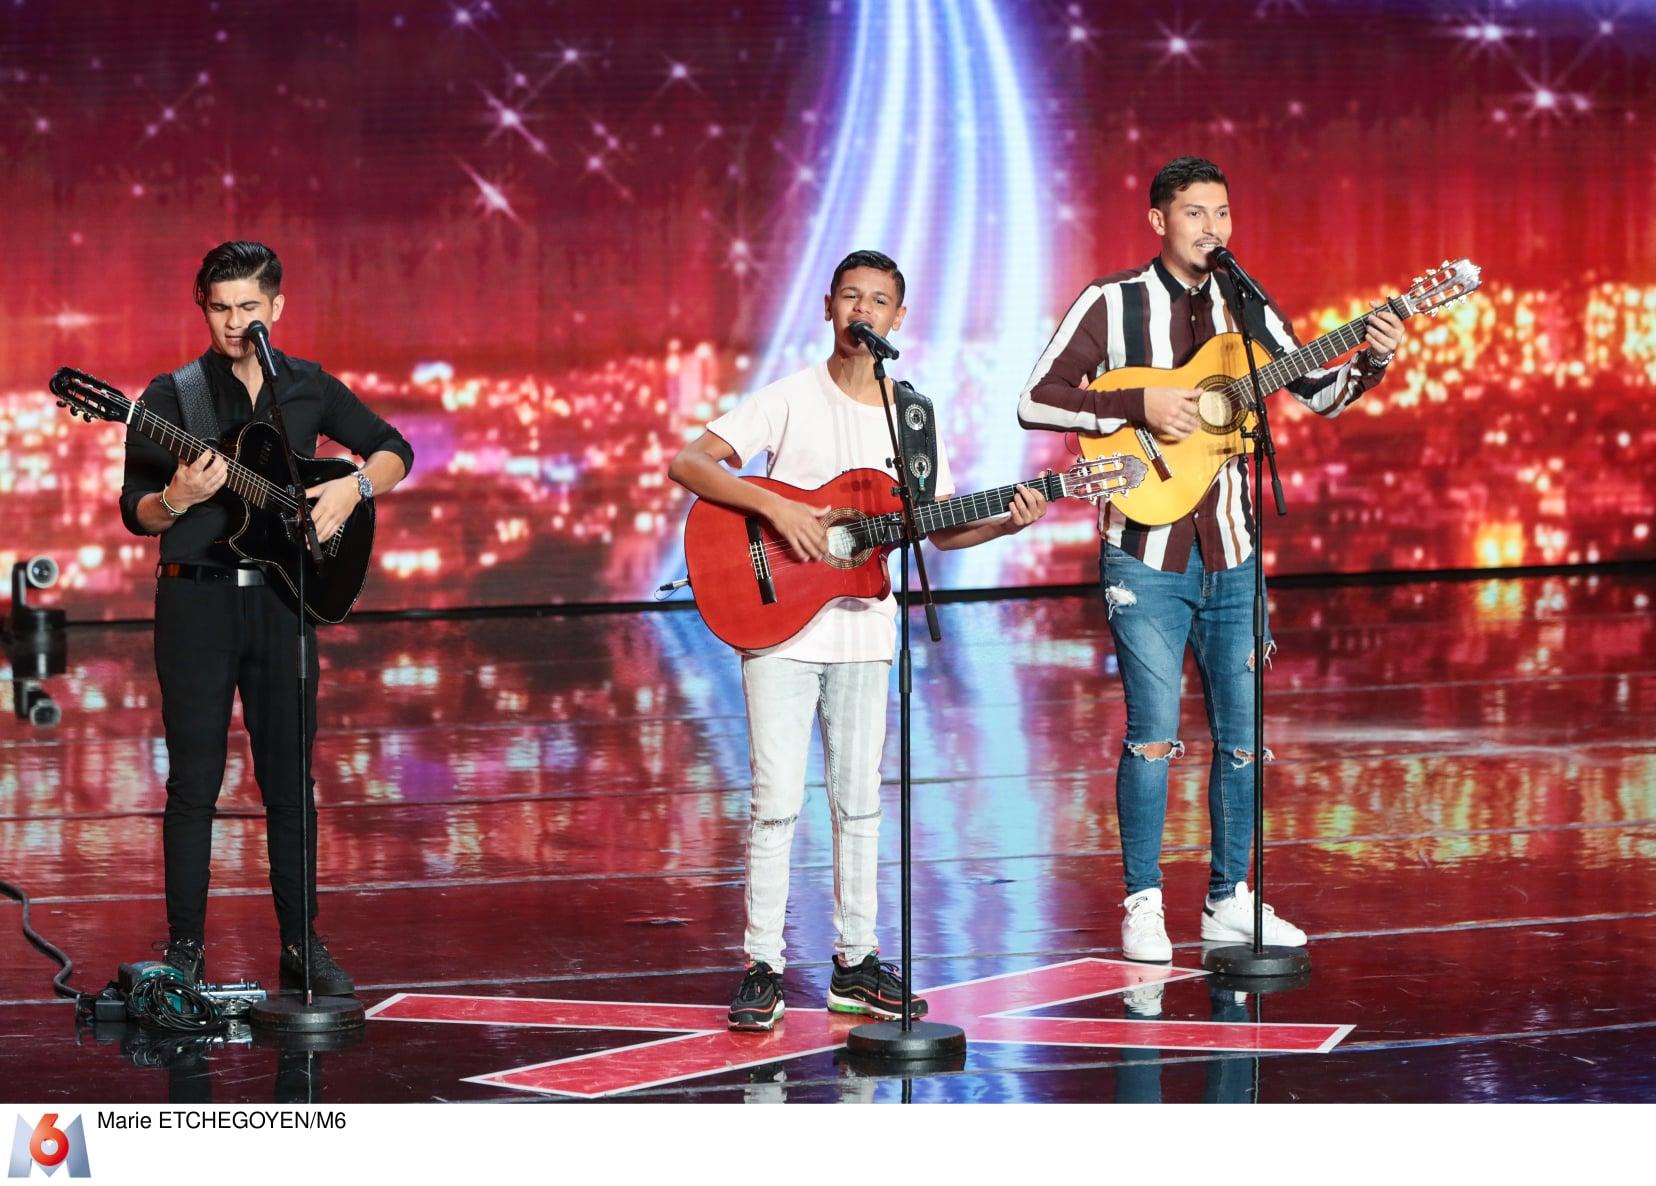 La France A Un Incroyable Talent La Performance Des New Gypsies Divise La Toile Video Music Covers Creations